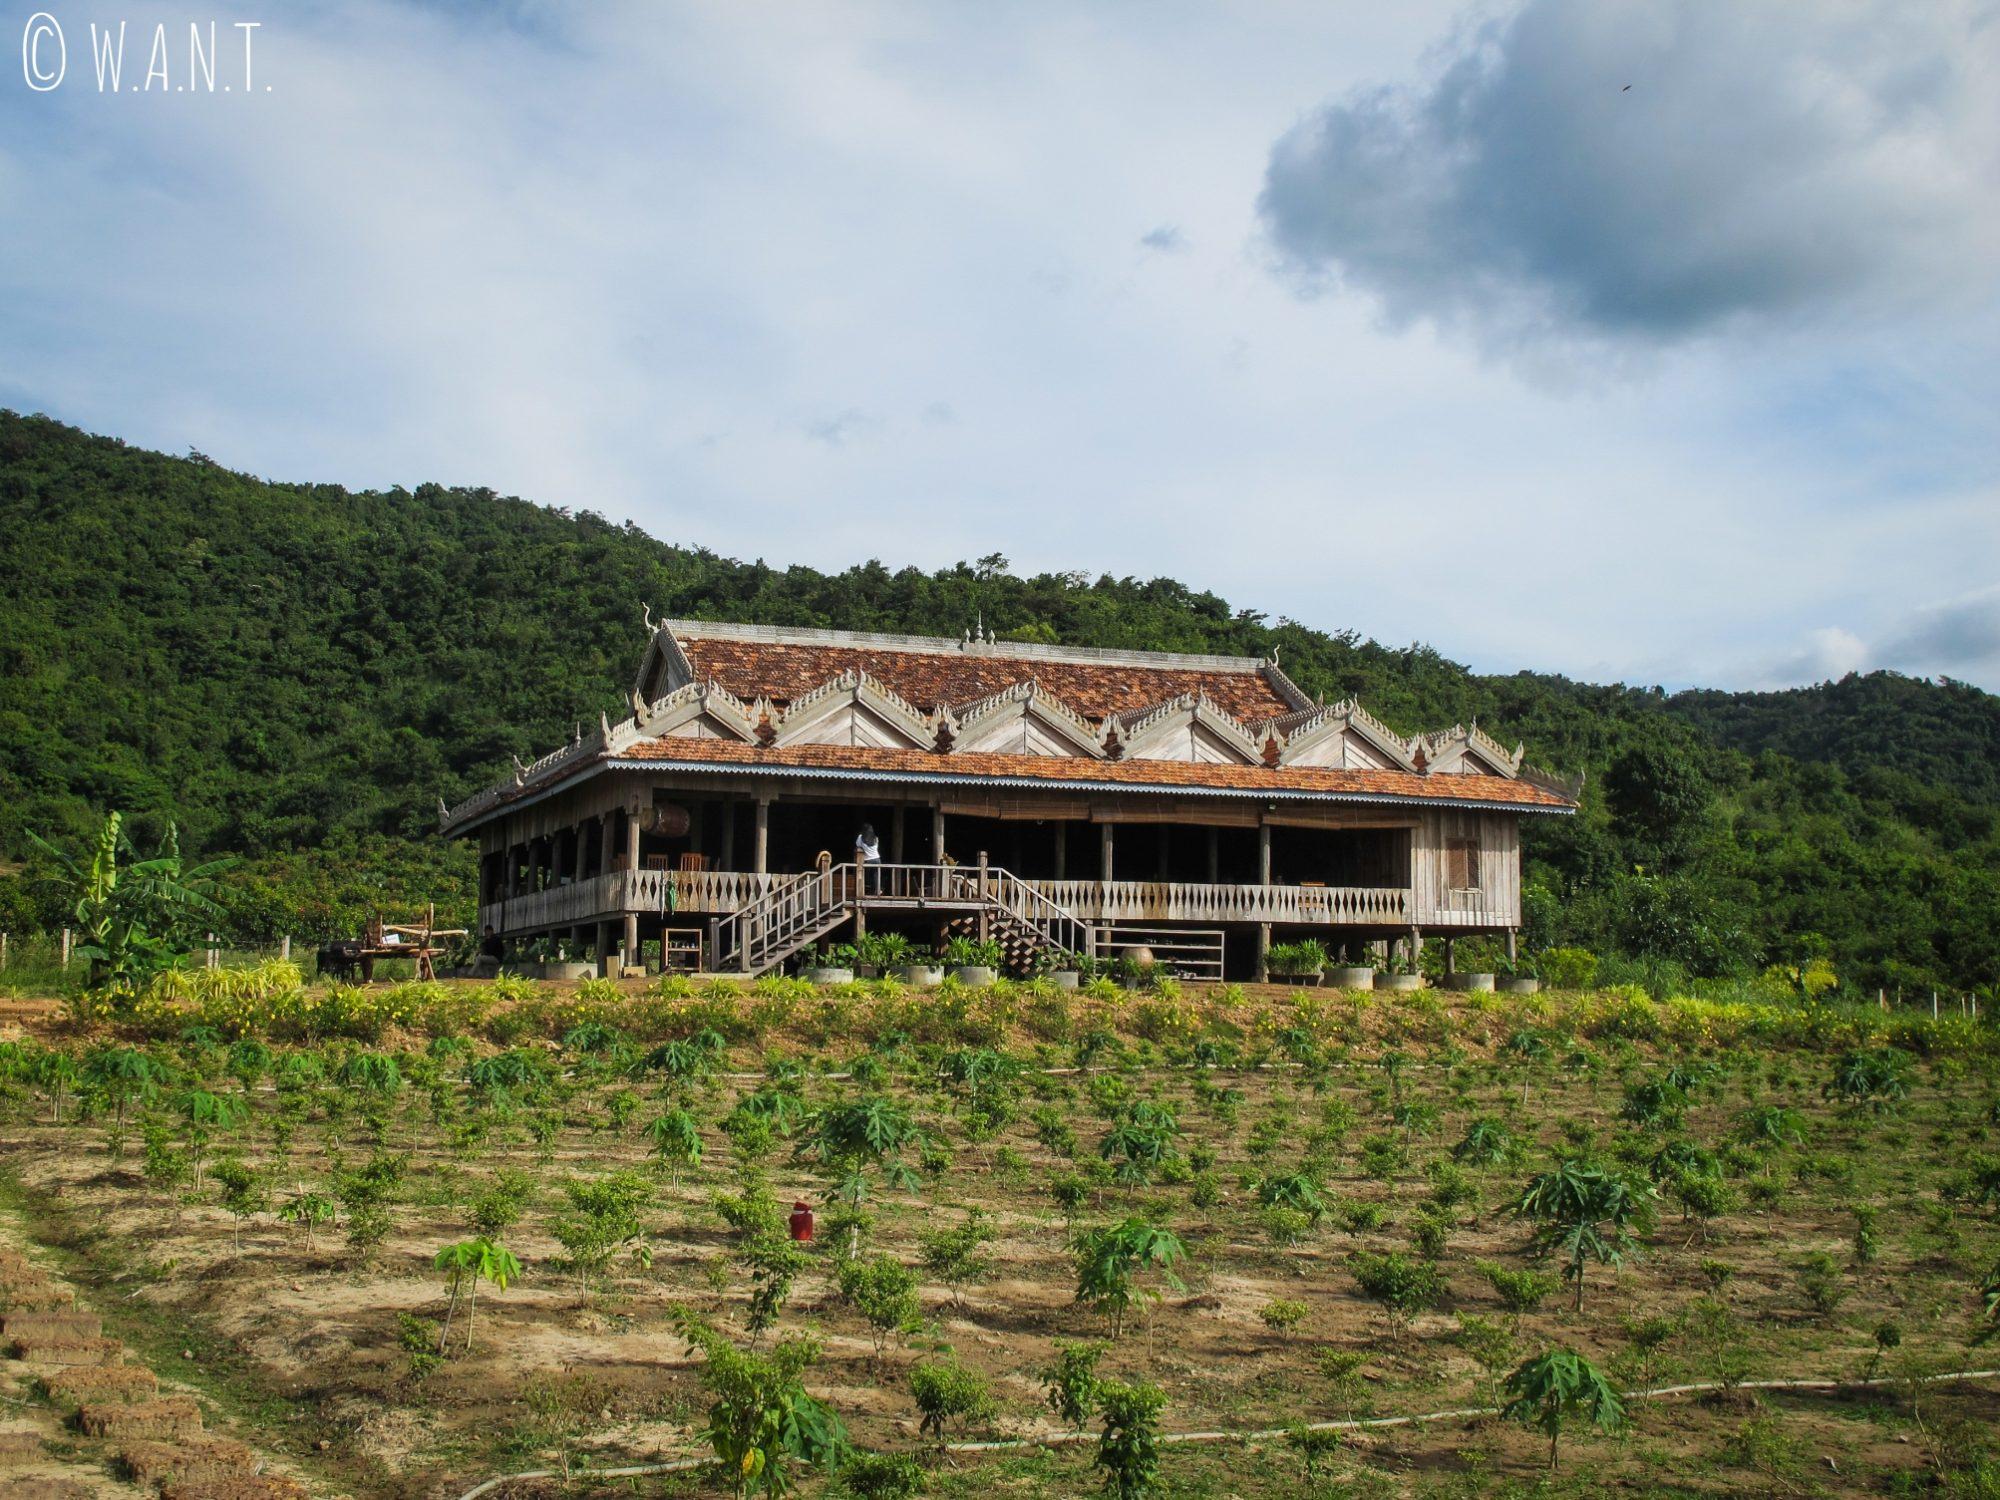 Maison traditionnelle de la plantation de poivre de Kampot que nous avons visitée